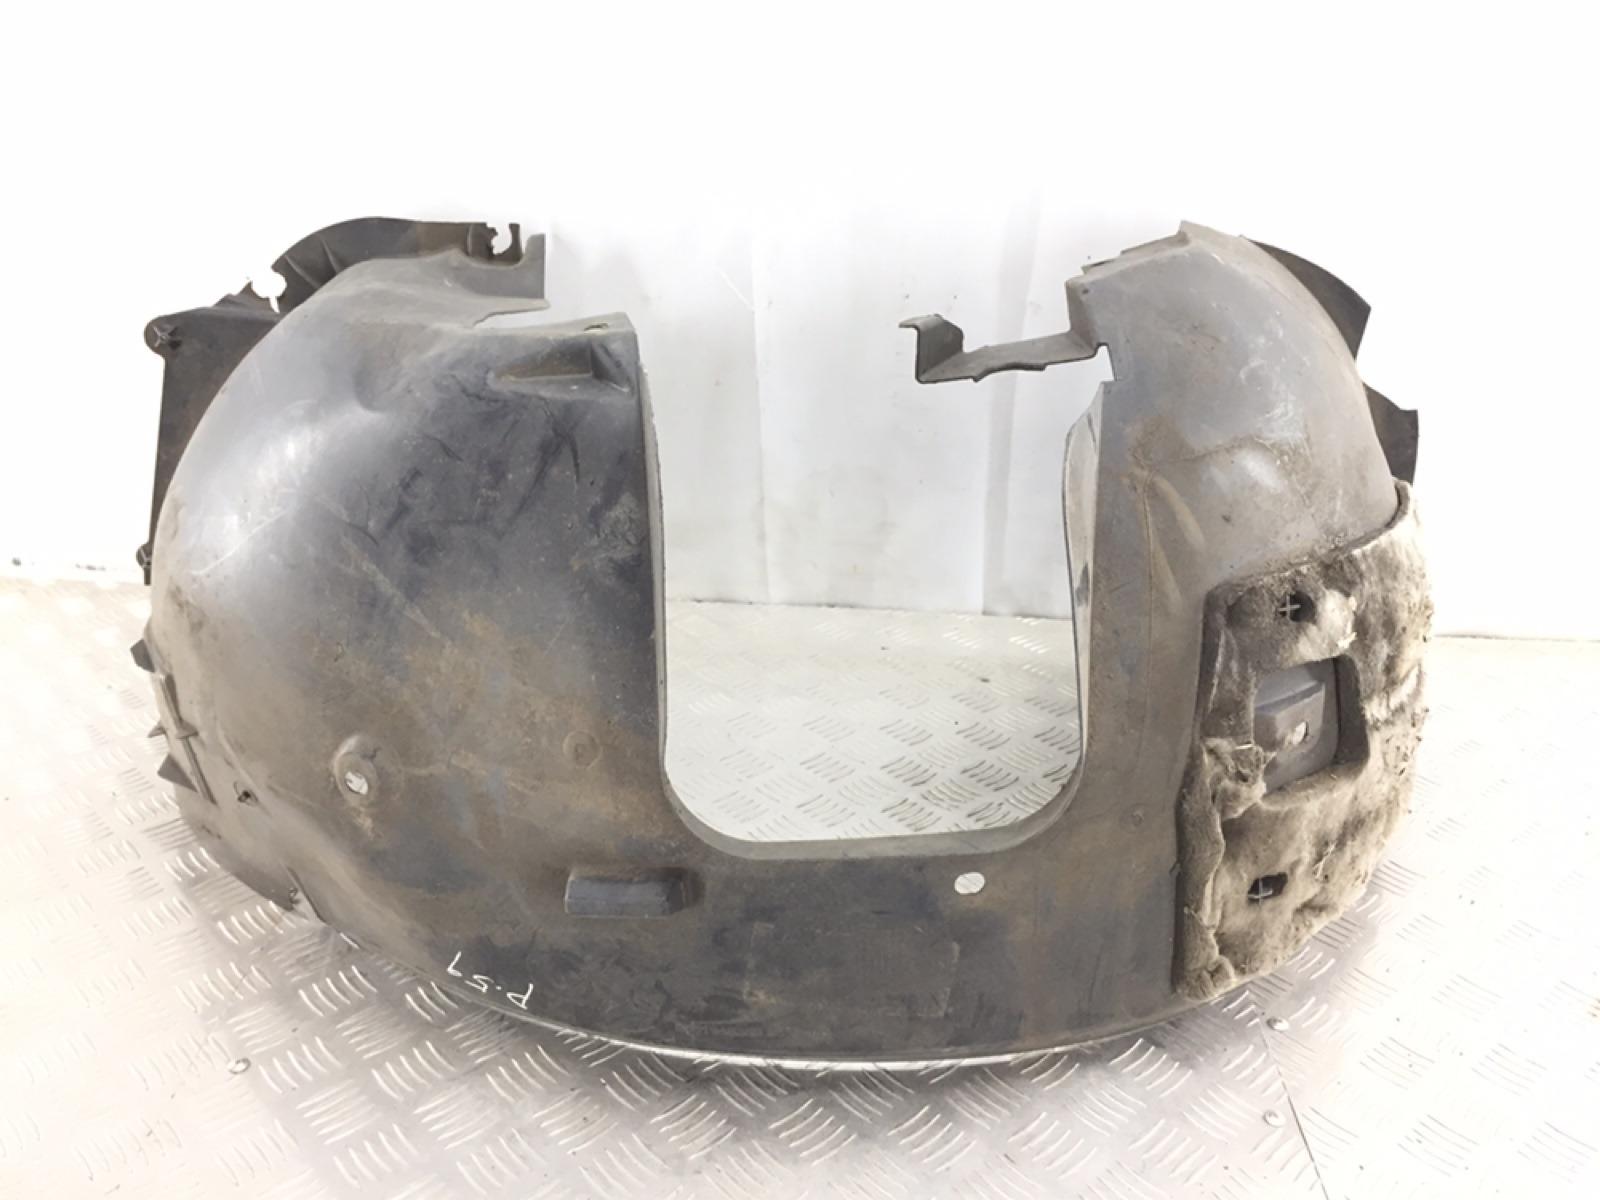 Защита арок передняя левая (подкрылок) Peugeot 308 T7 1.6 HDI 2008 (б/у)